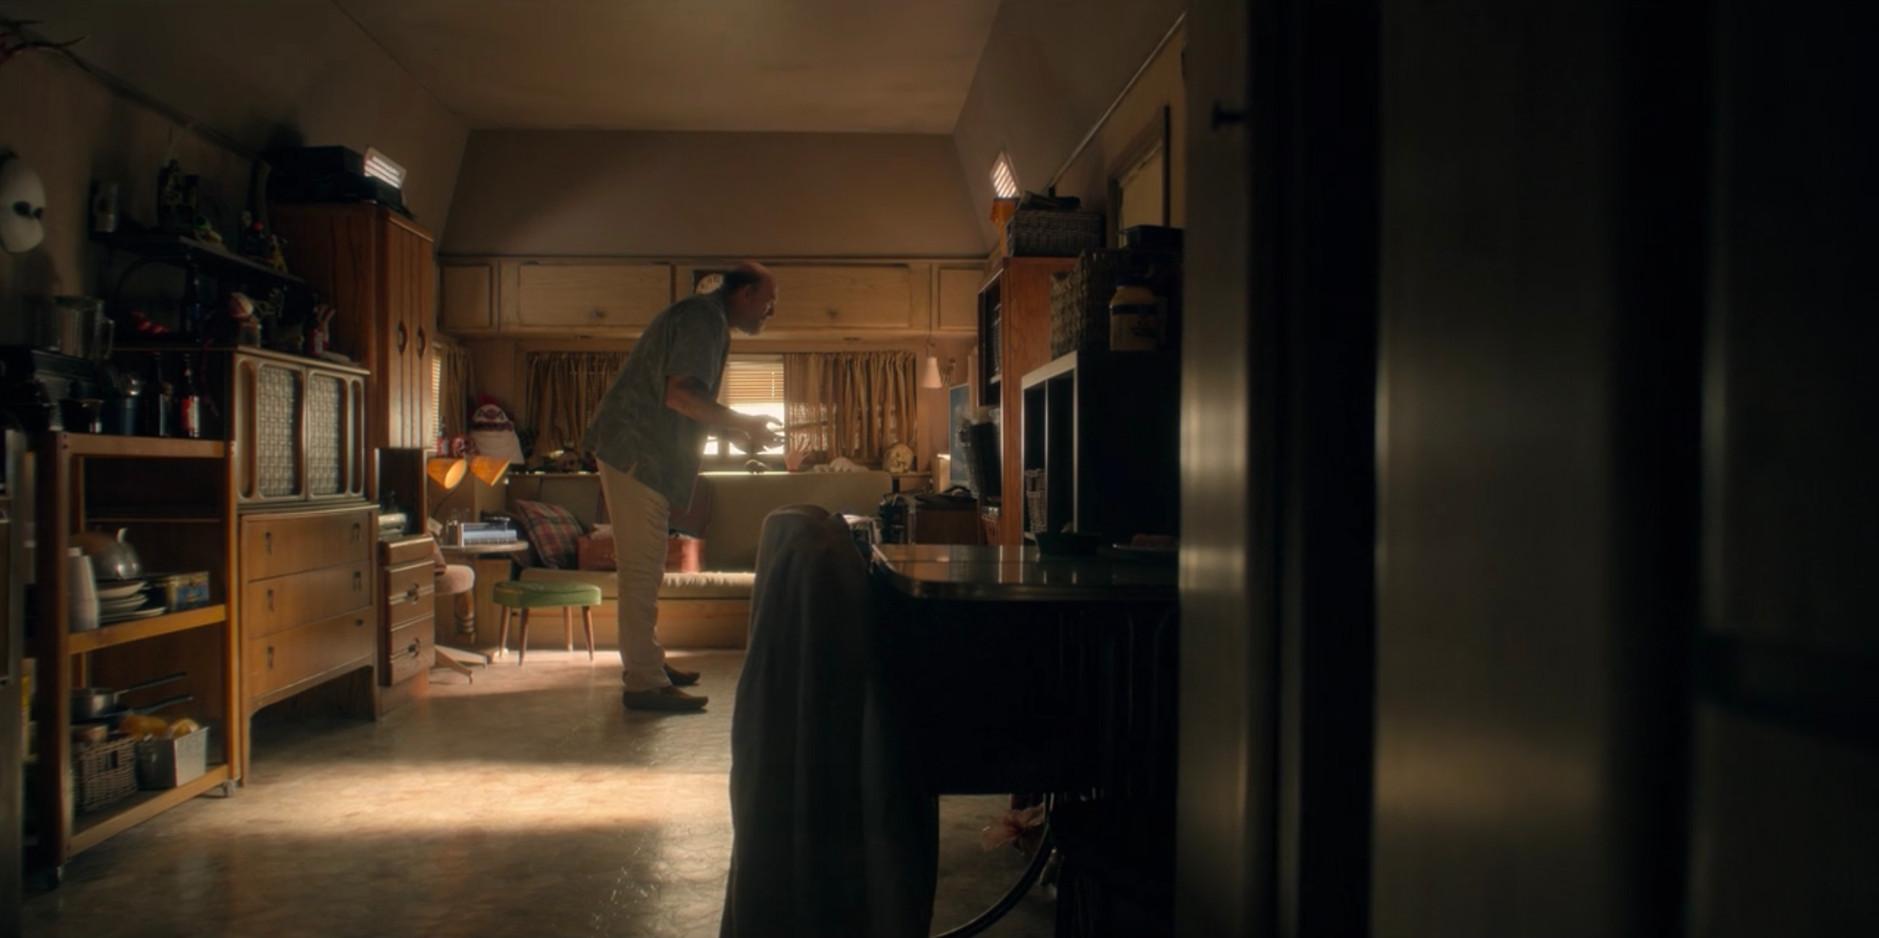 Trailer interior 1.jpg